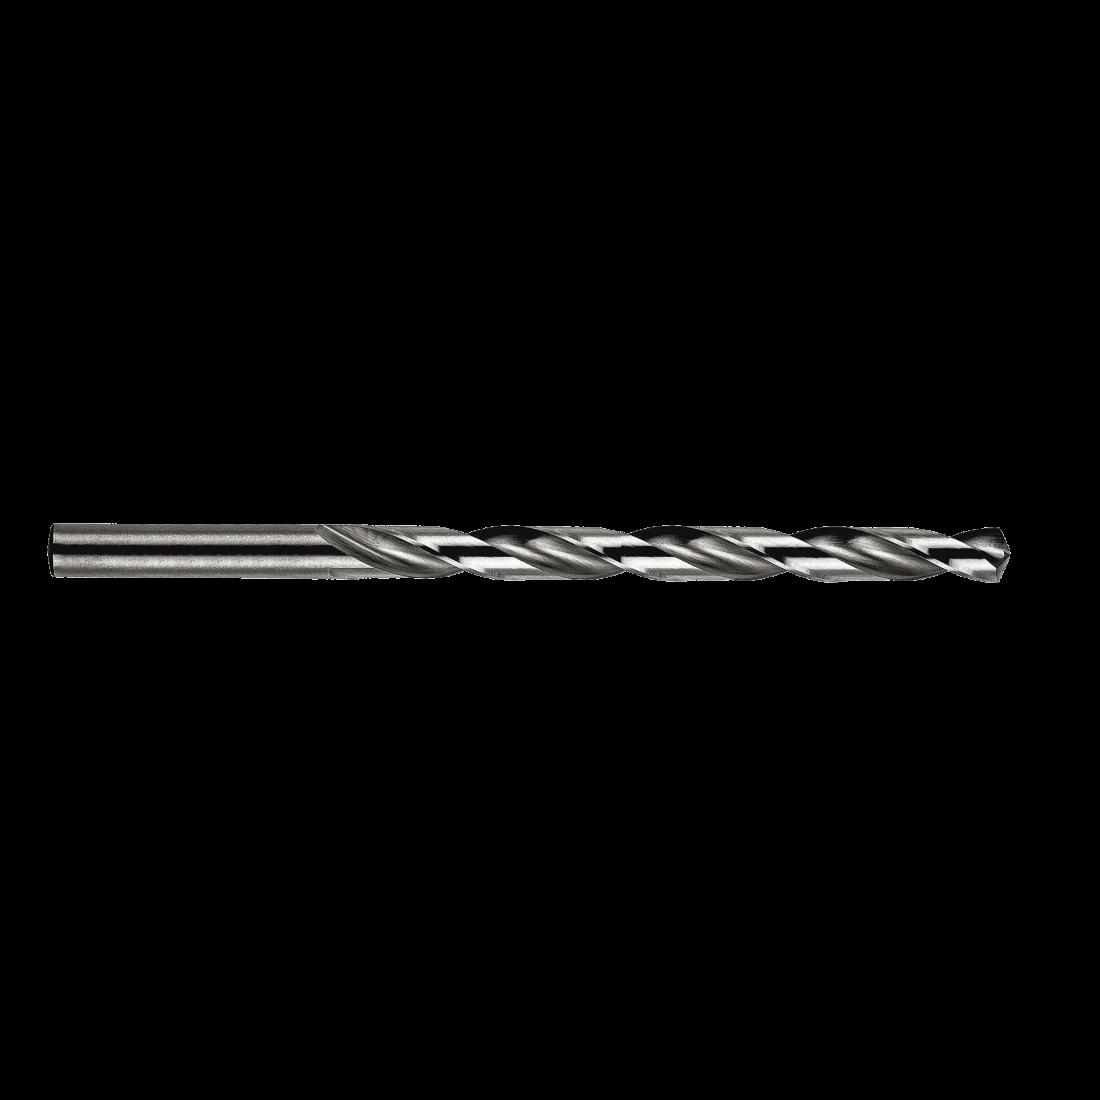 Сверлo по металлу Heller HSS-G Super DIN 340 сверхдлиннoе 3,0х66х100мм (10шт)